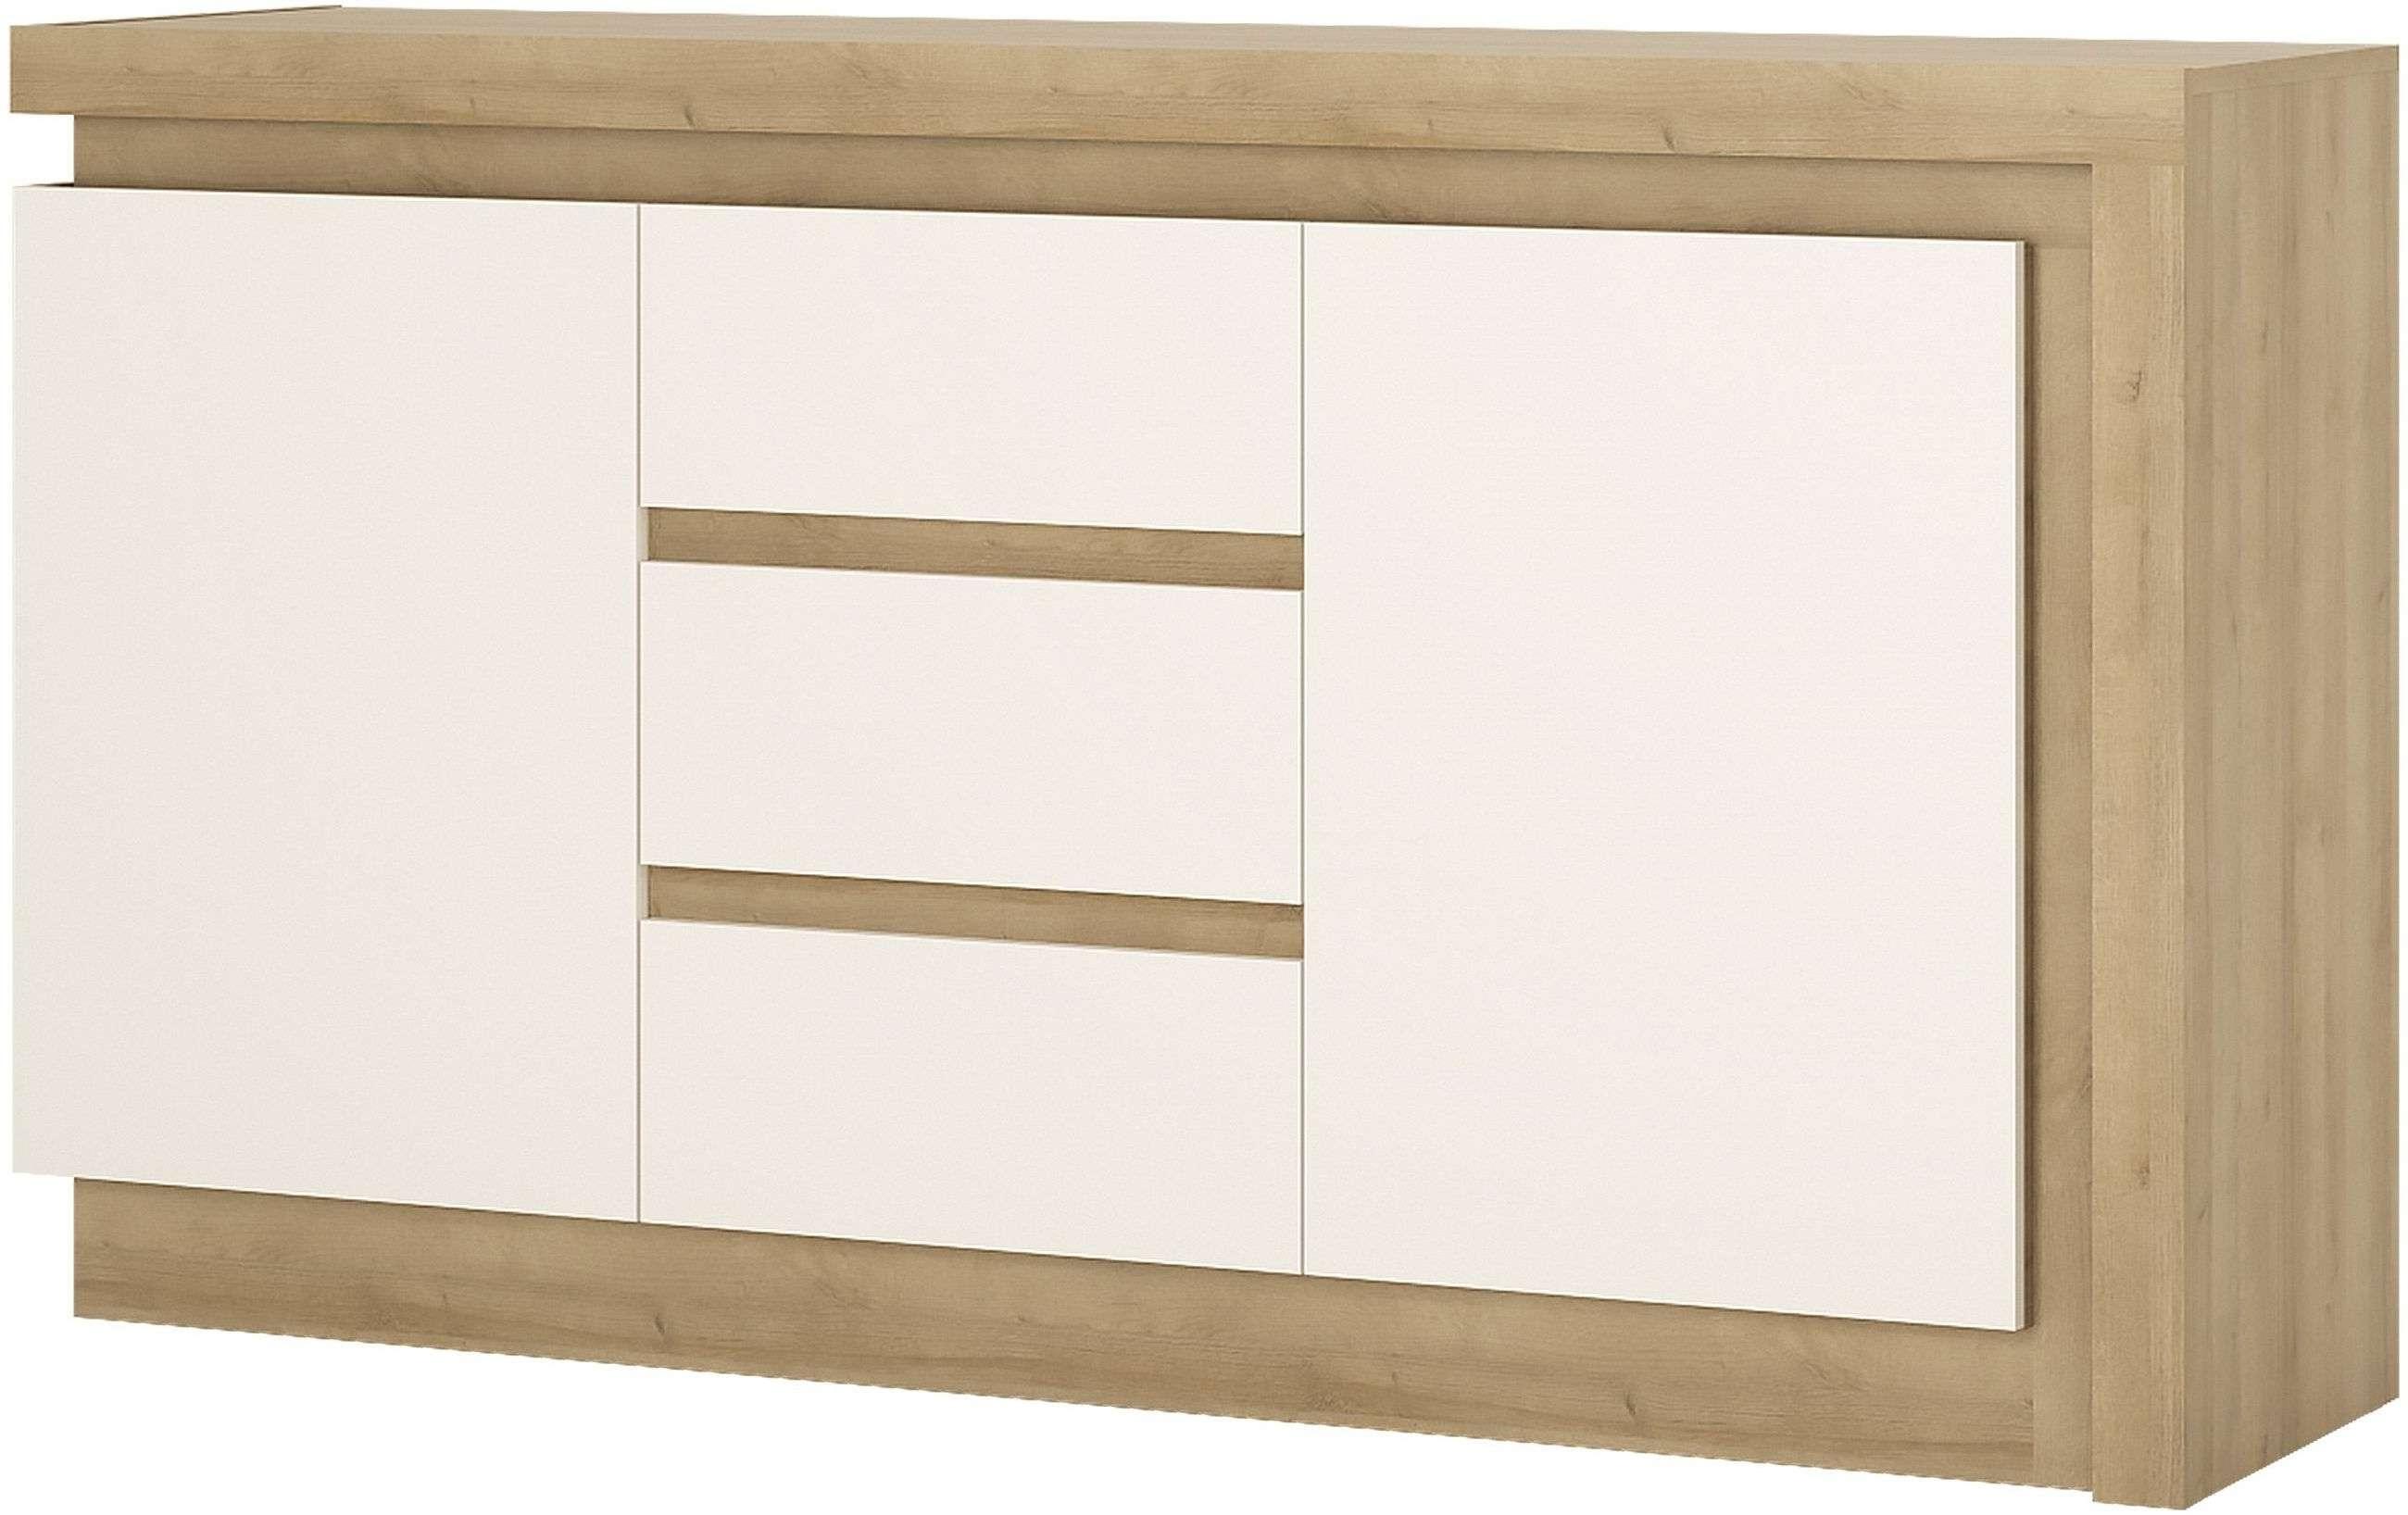 Buy Lyon Riviera Oak And White High Gloss Sideboard – 2 Door 3 Inside High Gloss Sideboards (View 2 of 20)